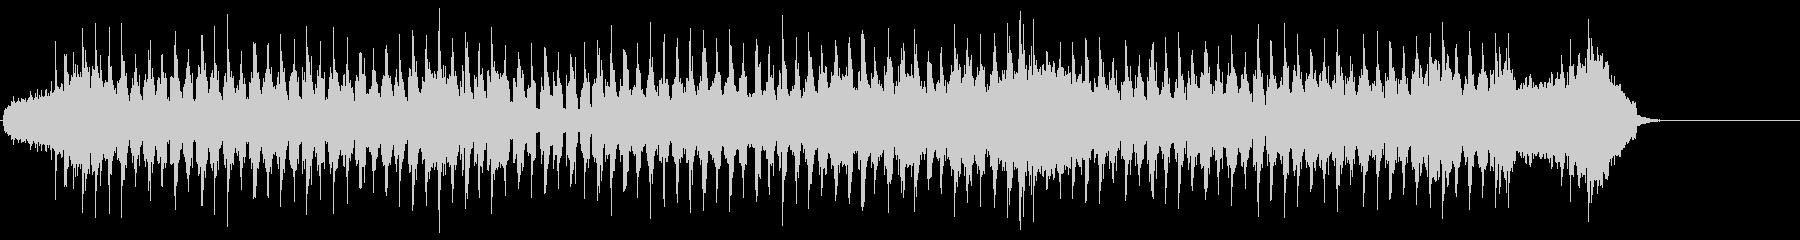 バロック調の爽やかシャッフルポップスの未再生の波形